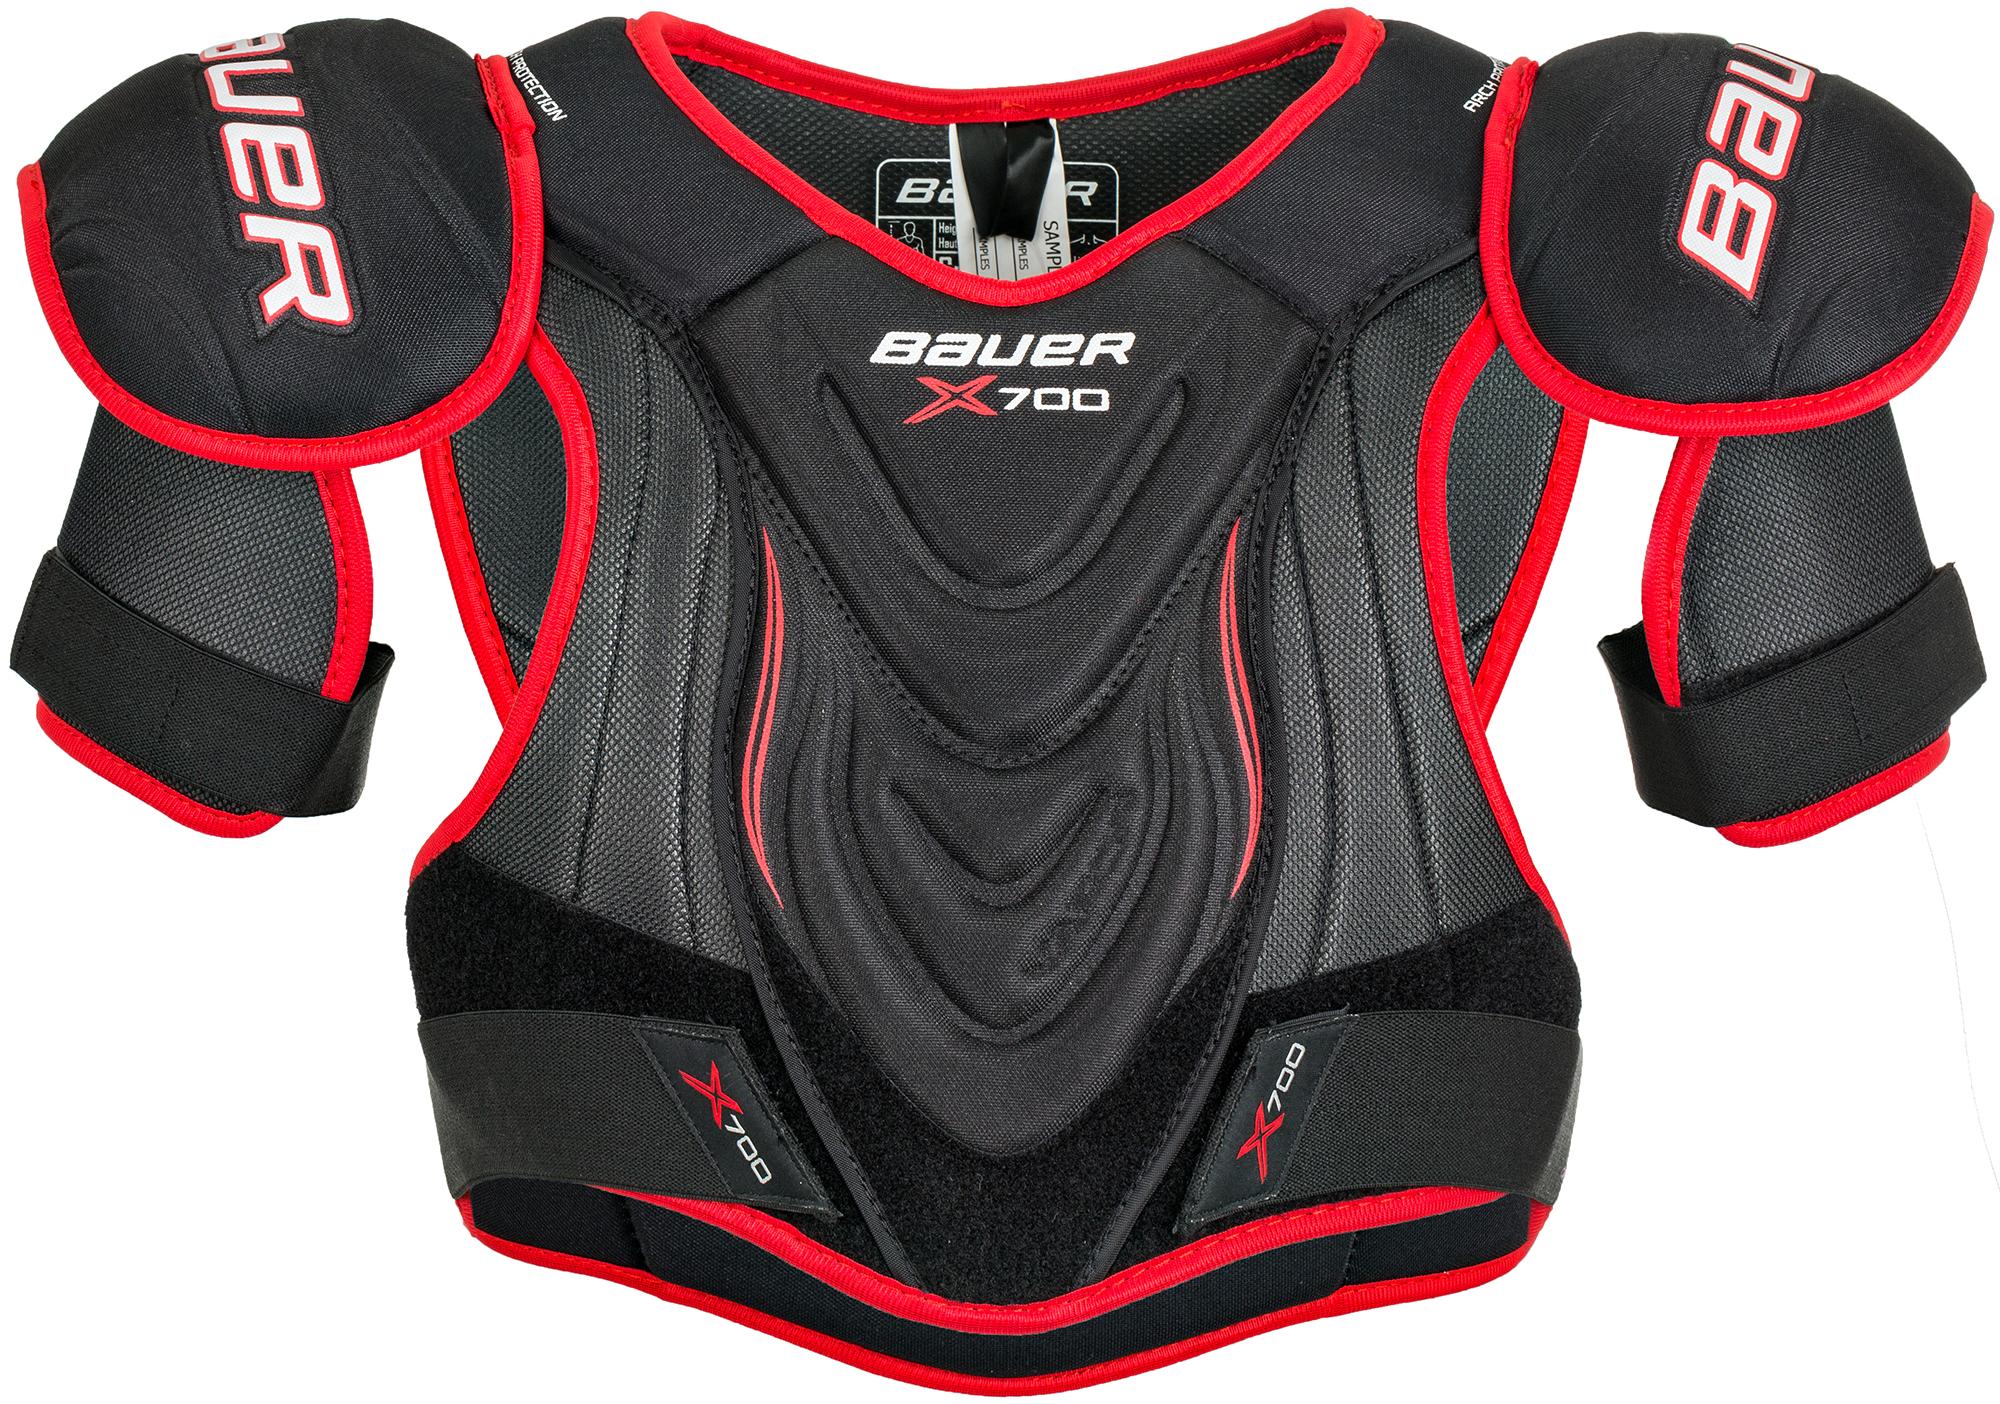 Bauer Нагрудник хоккейный юниорский Bauer VAPOR X700, размер 36-38 bauer bauer s17 vapor x500 взрослые размер 48